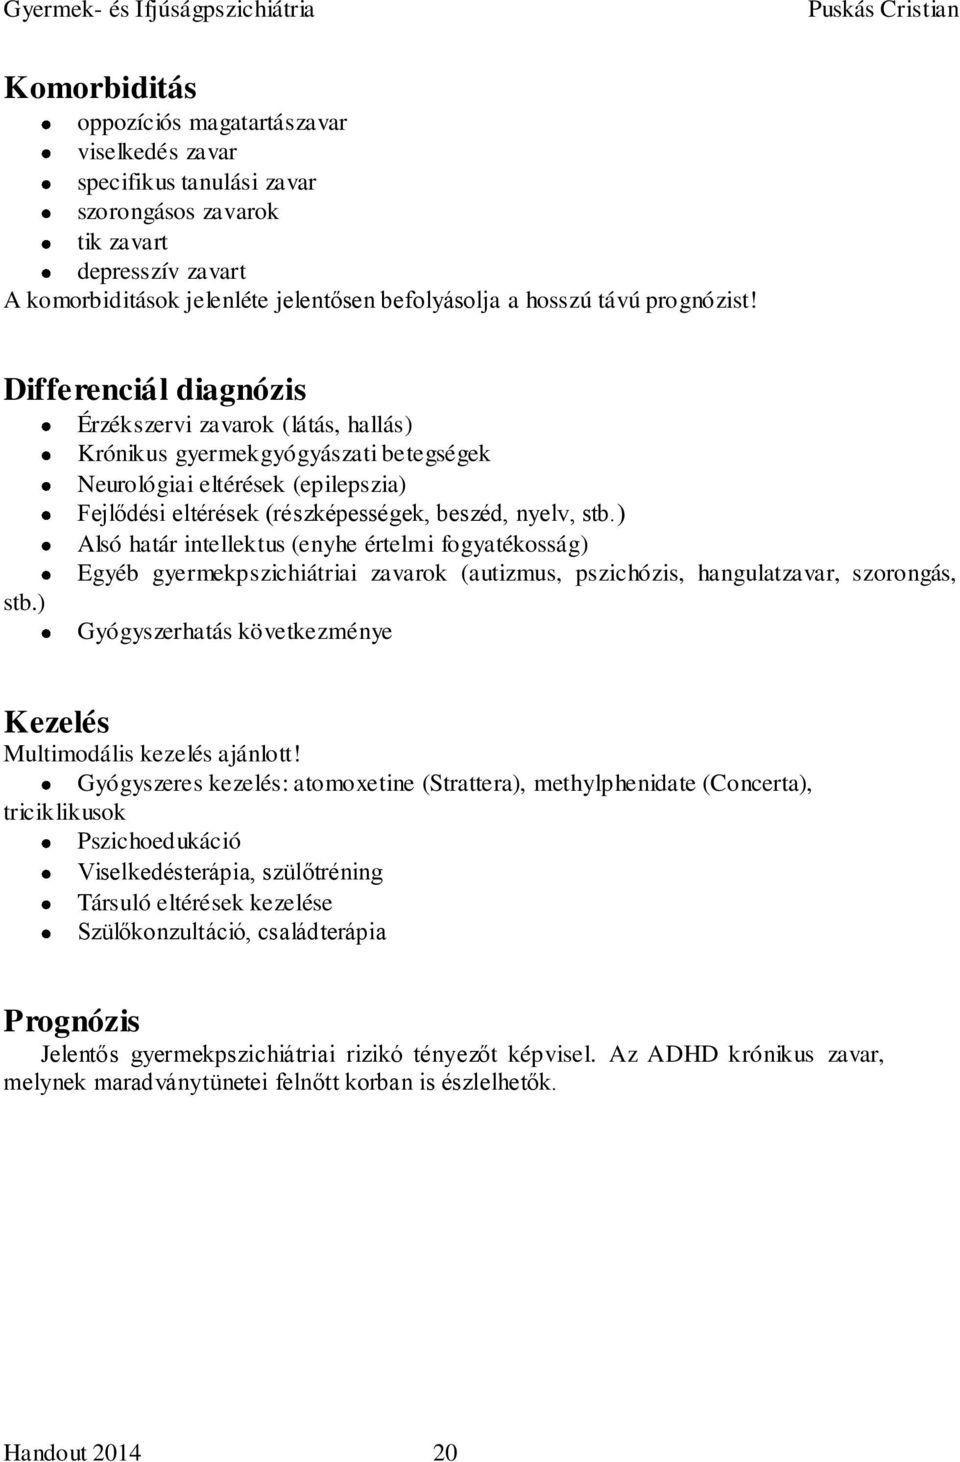 légzési papillomatosis kezelés a betegség neve pinworms